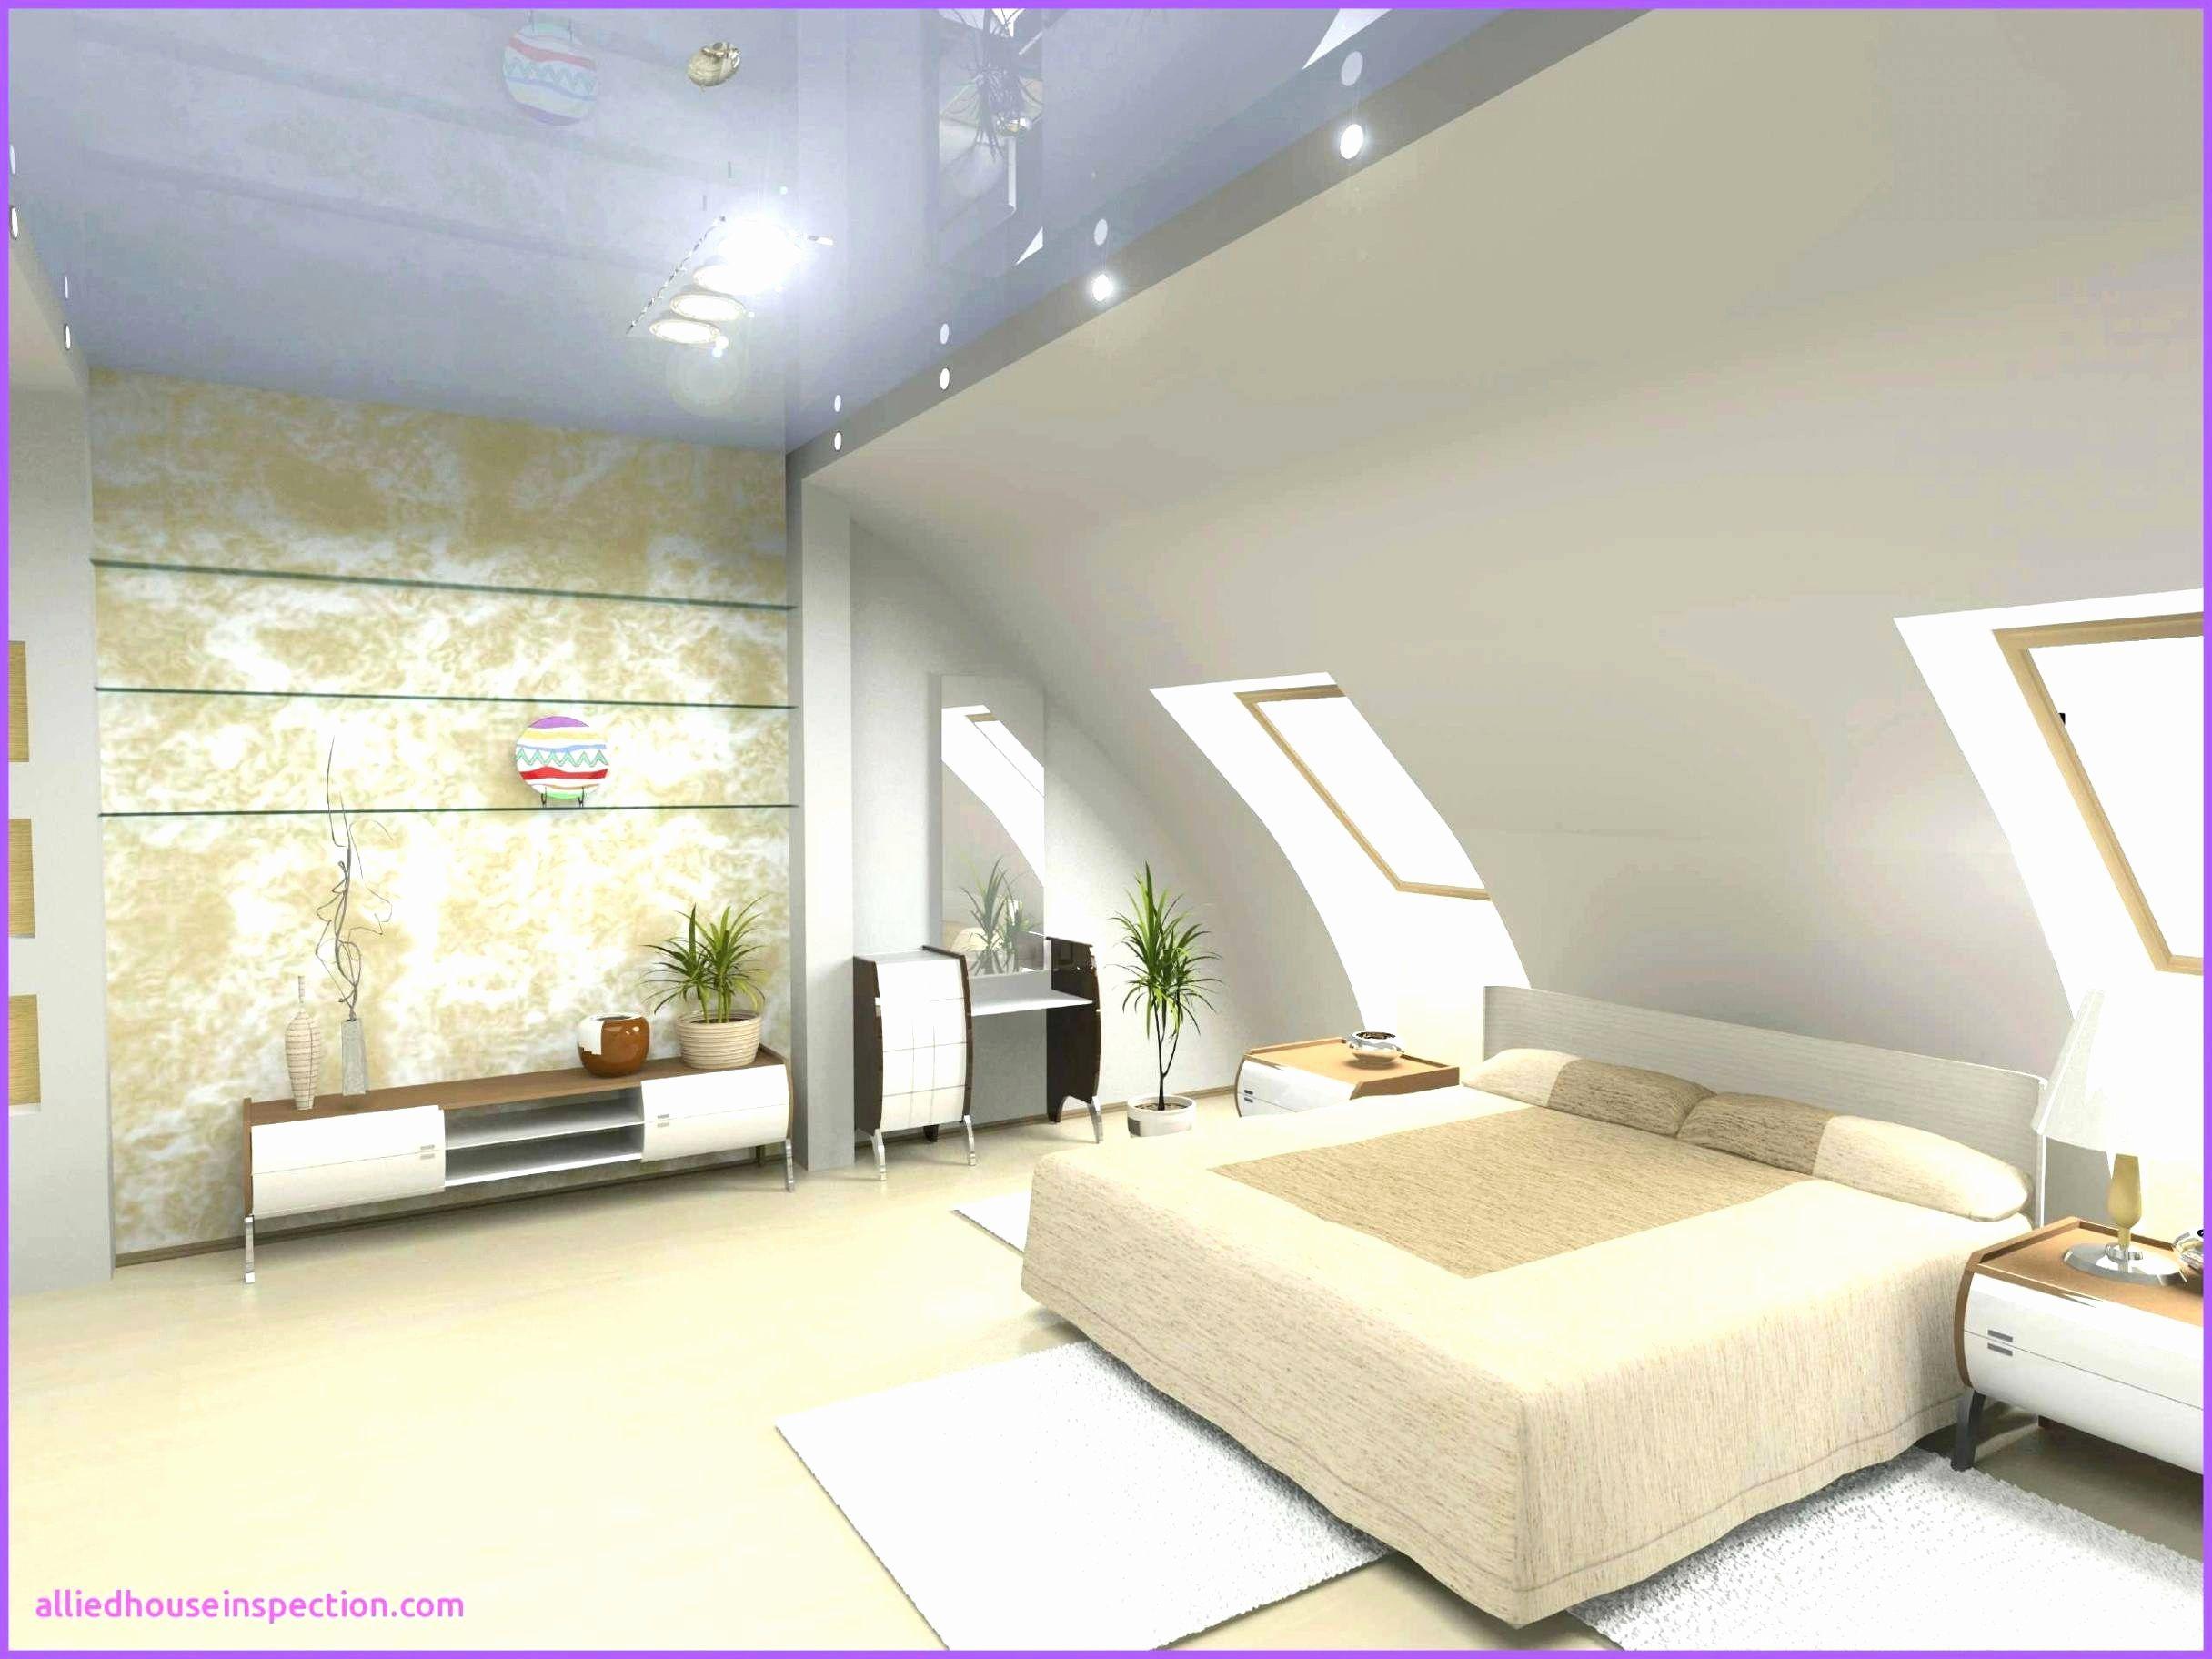 Full Size of Wohnzimmer Decken Paneele Wohnzimmer Decken Beispiel Wohnzimmer Decken Aus Rigips Moderne Wohnzimmer Decken Wohnzimmer Wohnzimmer Decken